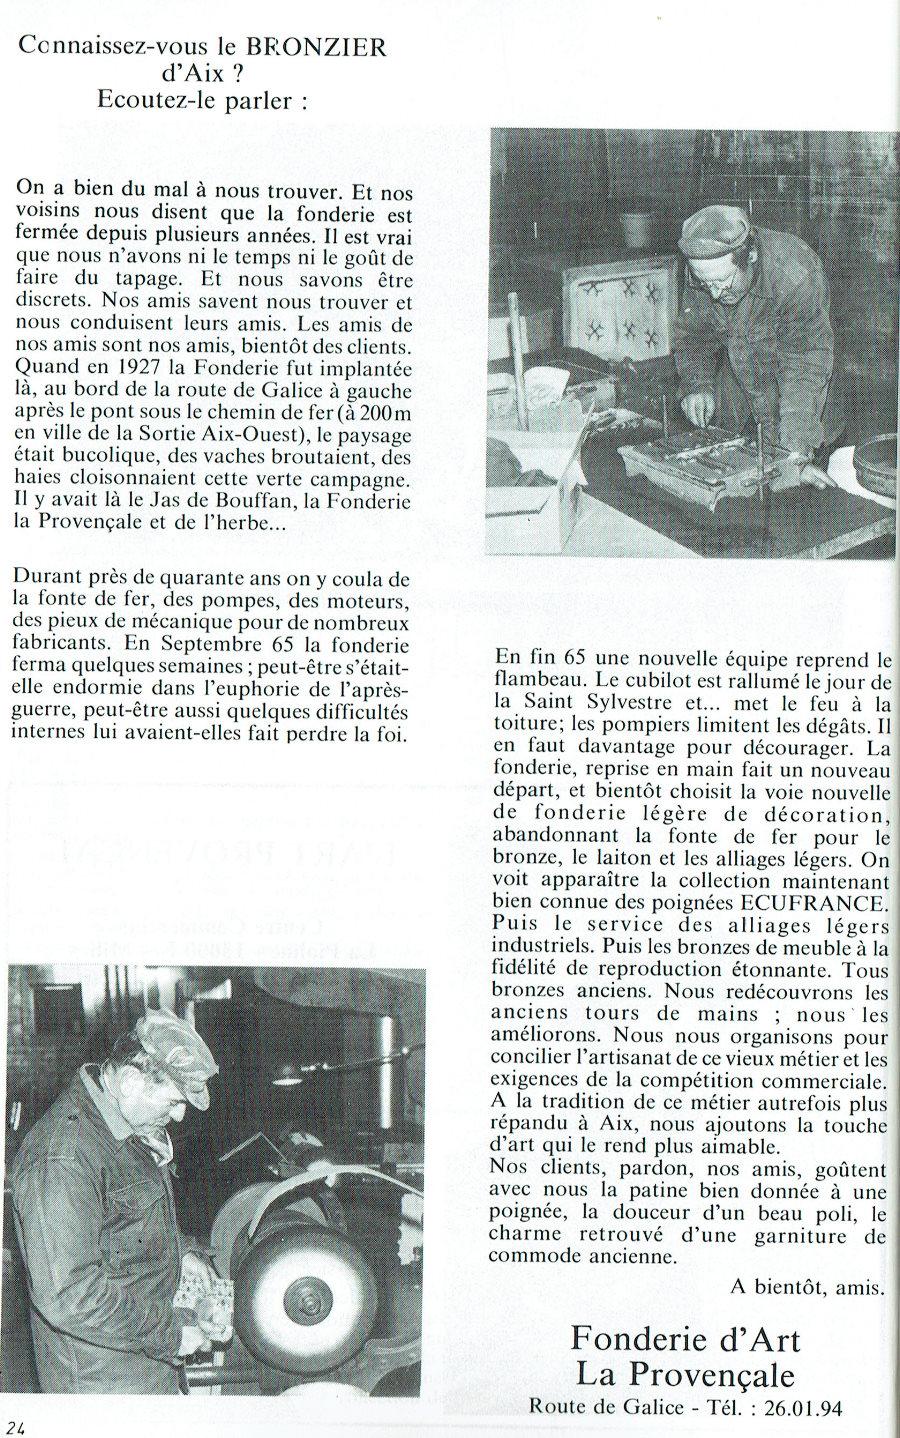 Le-bronzier-d-aix-en-provence